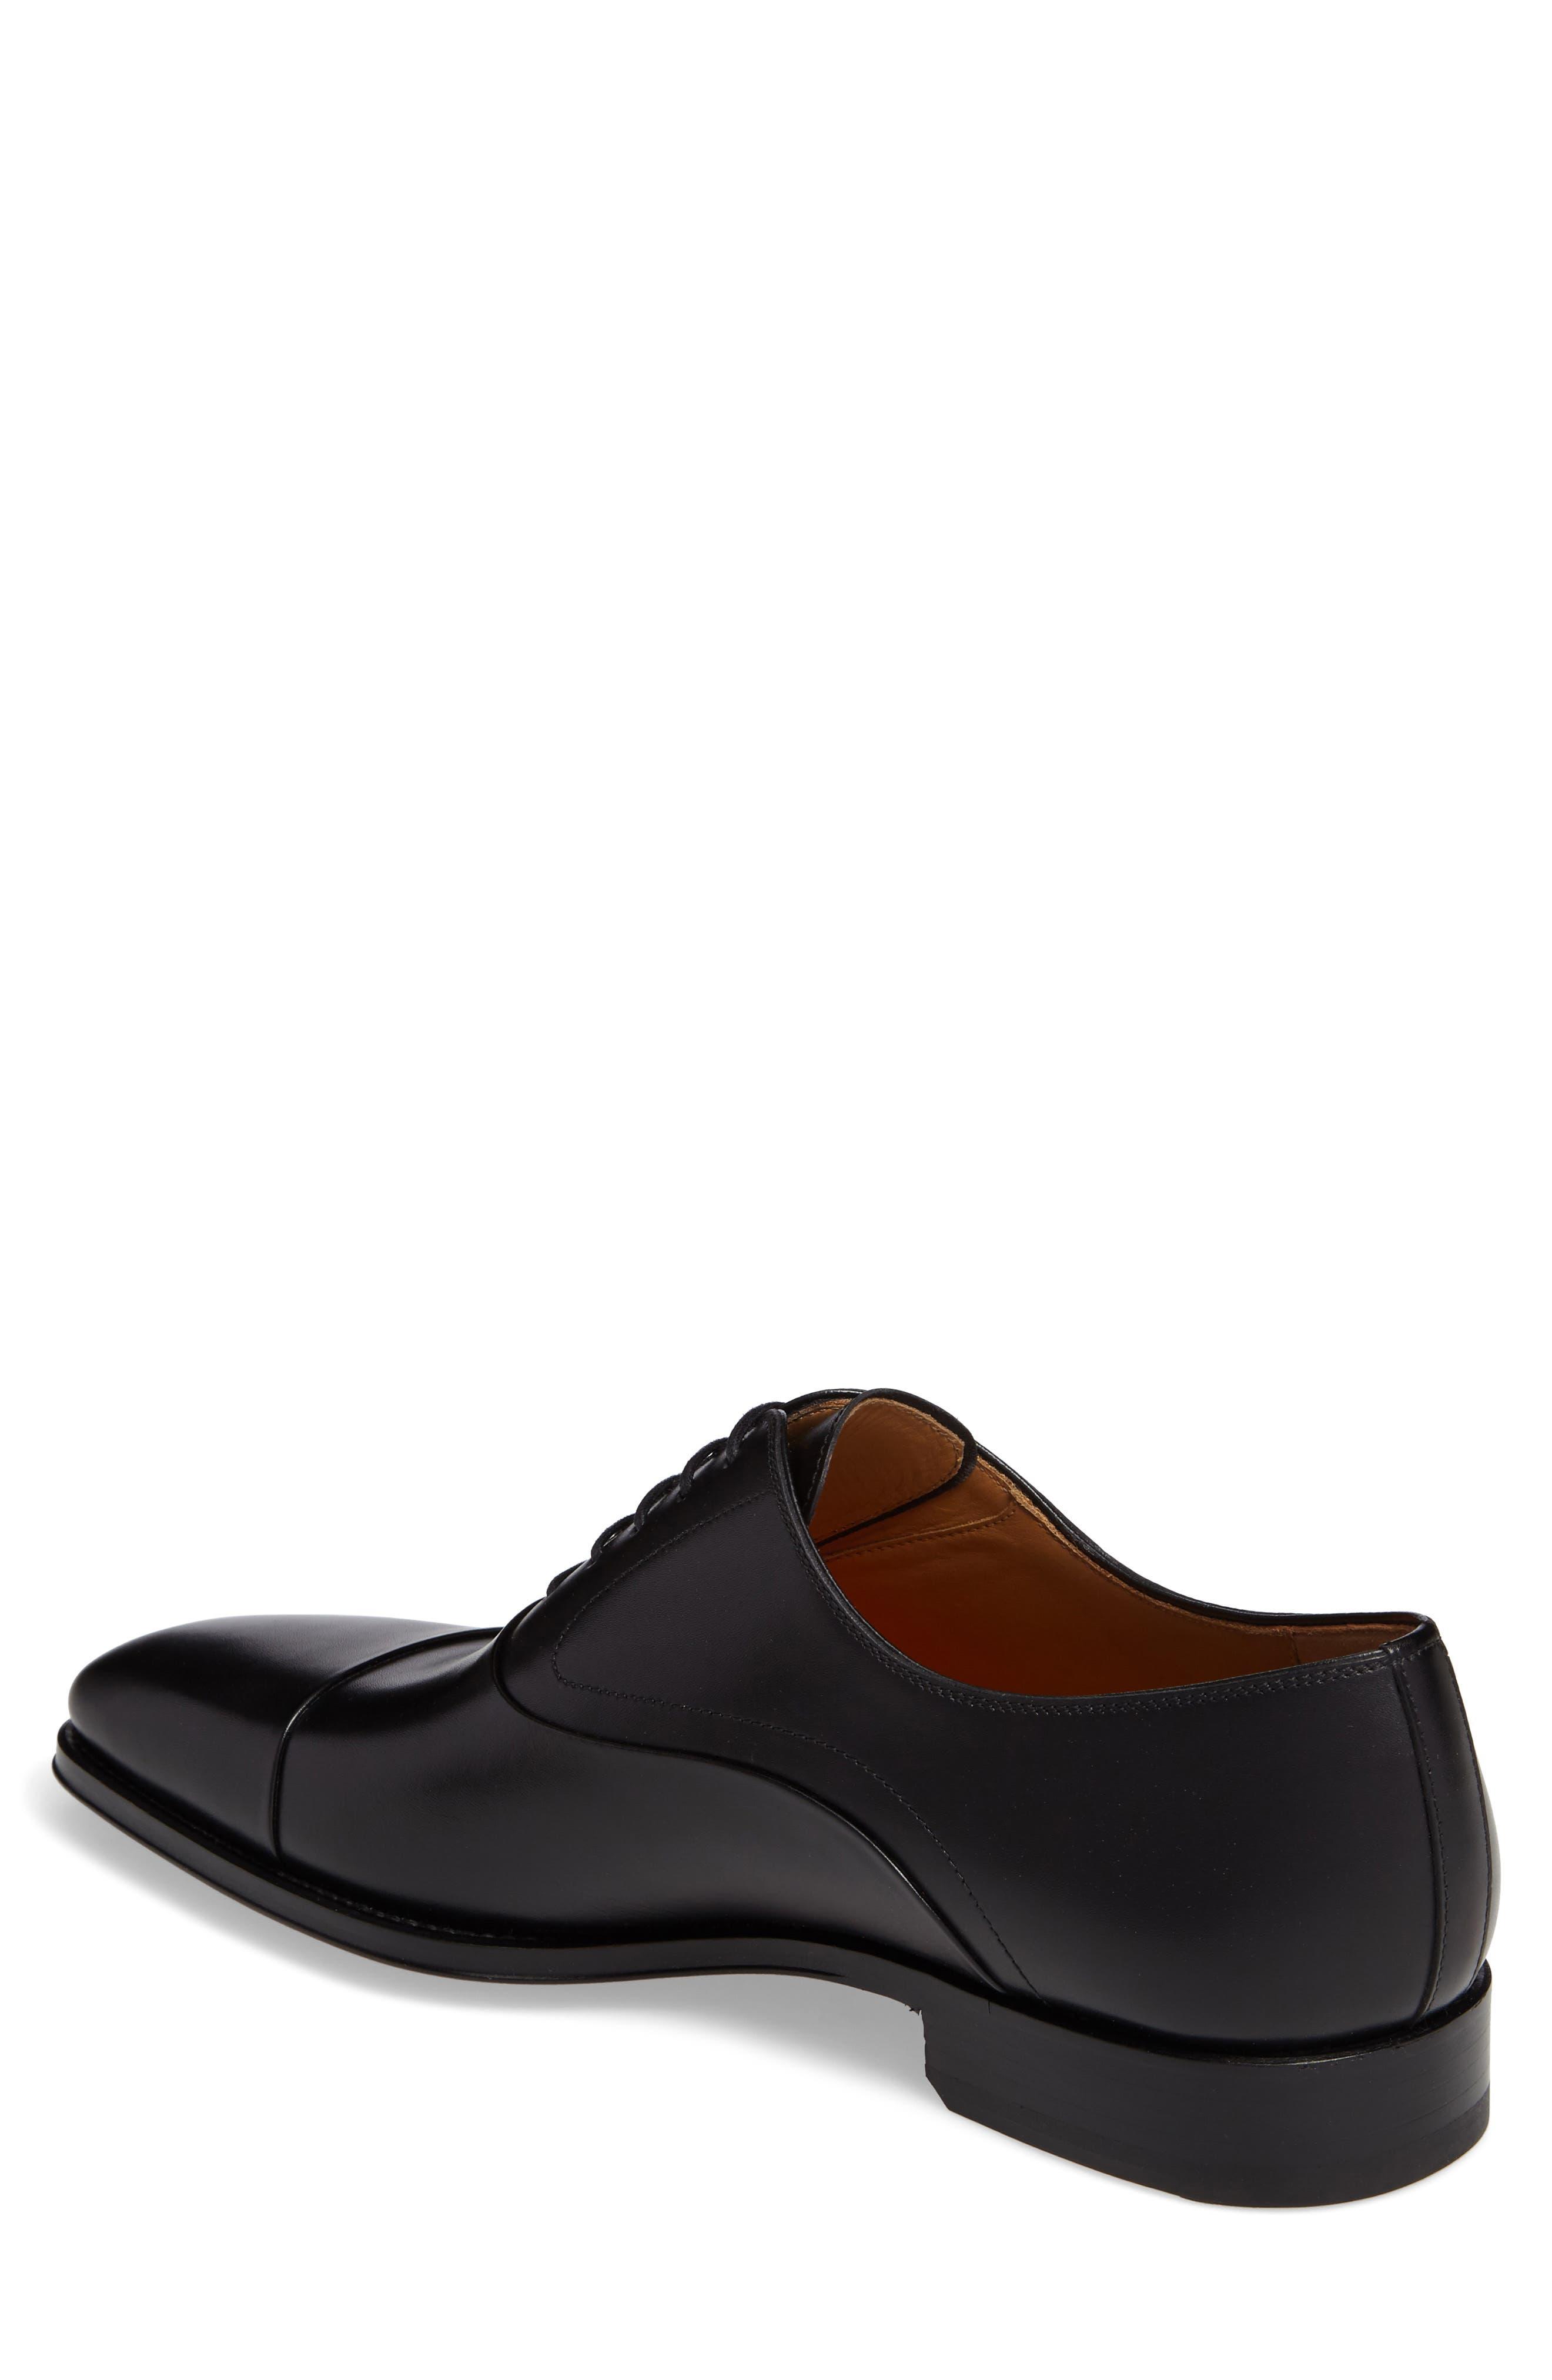 MAGNANNI, Saffron Cap Toe Oxford, Alternate thumbnail 2, color, BLACK LEATHER